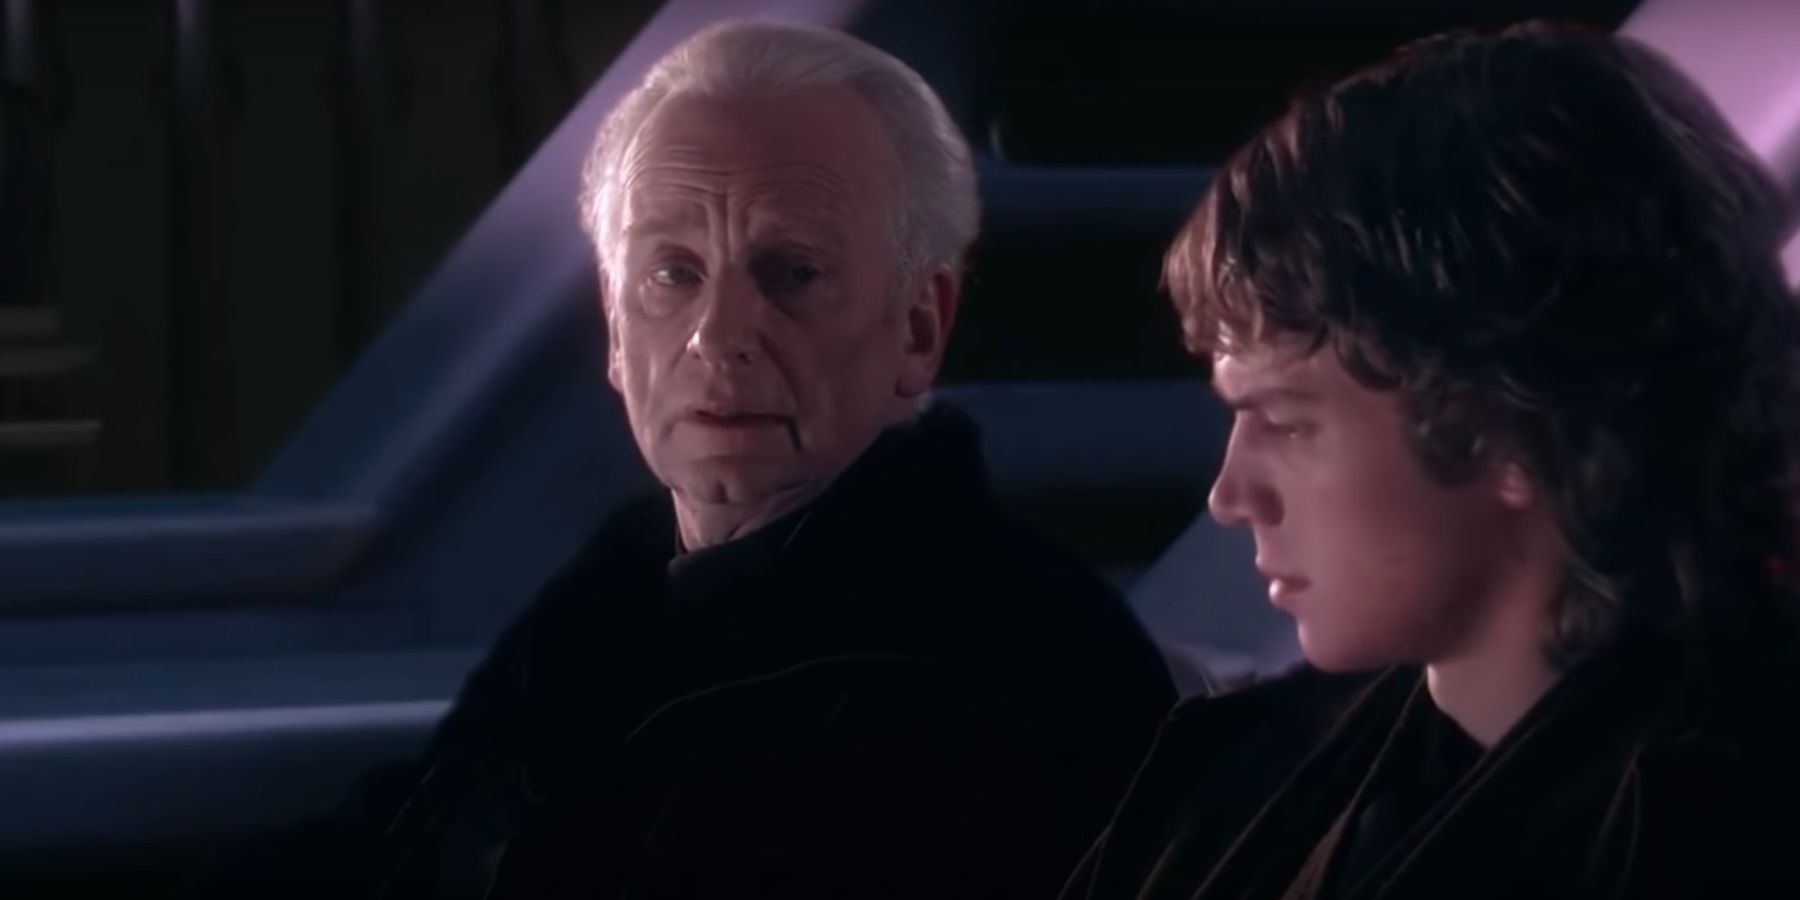 Jj Abrams Favorite Star Wars Prequel Scene Is Darth Plagueis